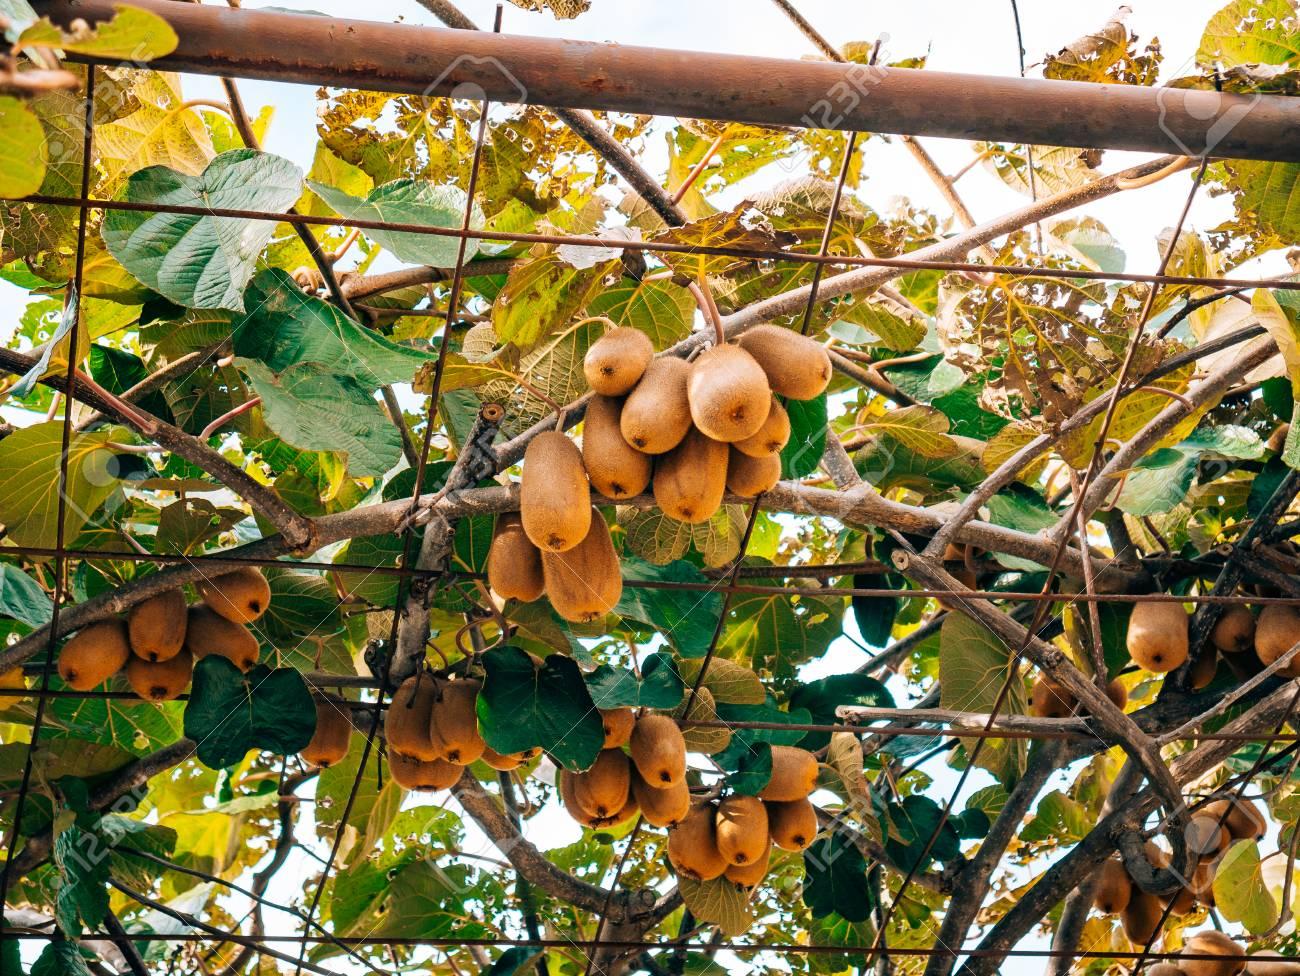 Gemeinsame Die Kiwifrucht An Einem Baum. Liana Baum Kiwi Schweben Auf Der &BY_94